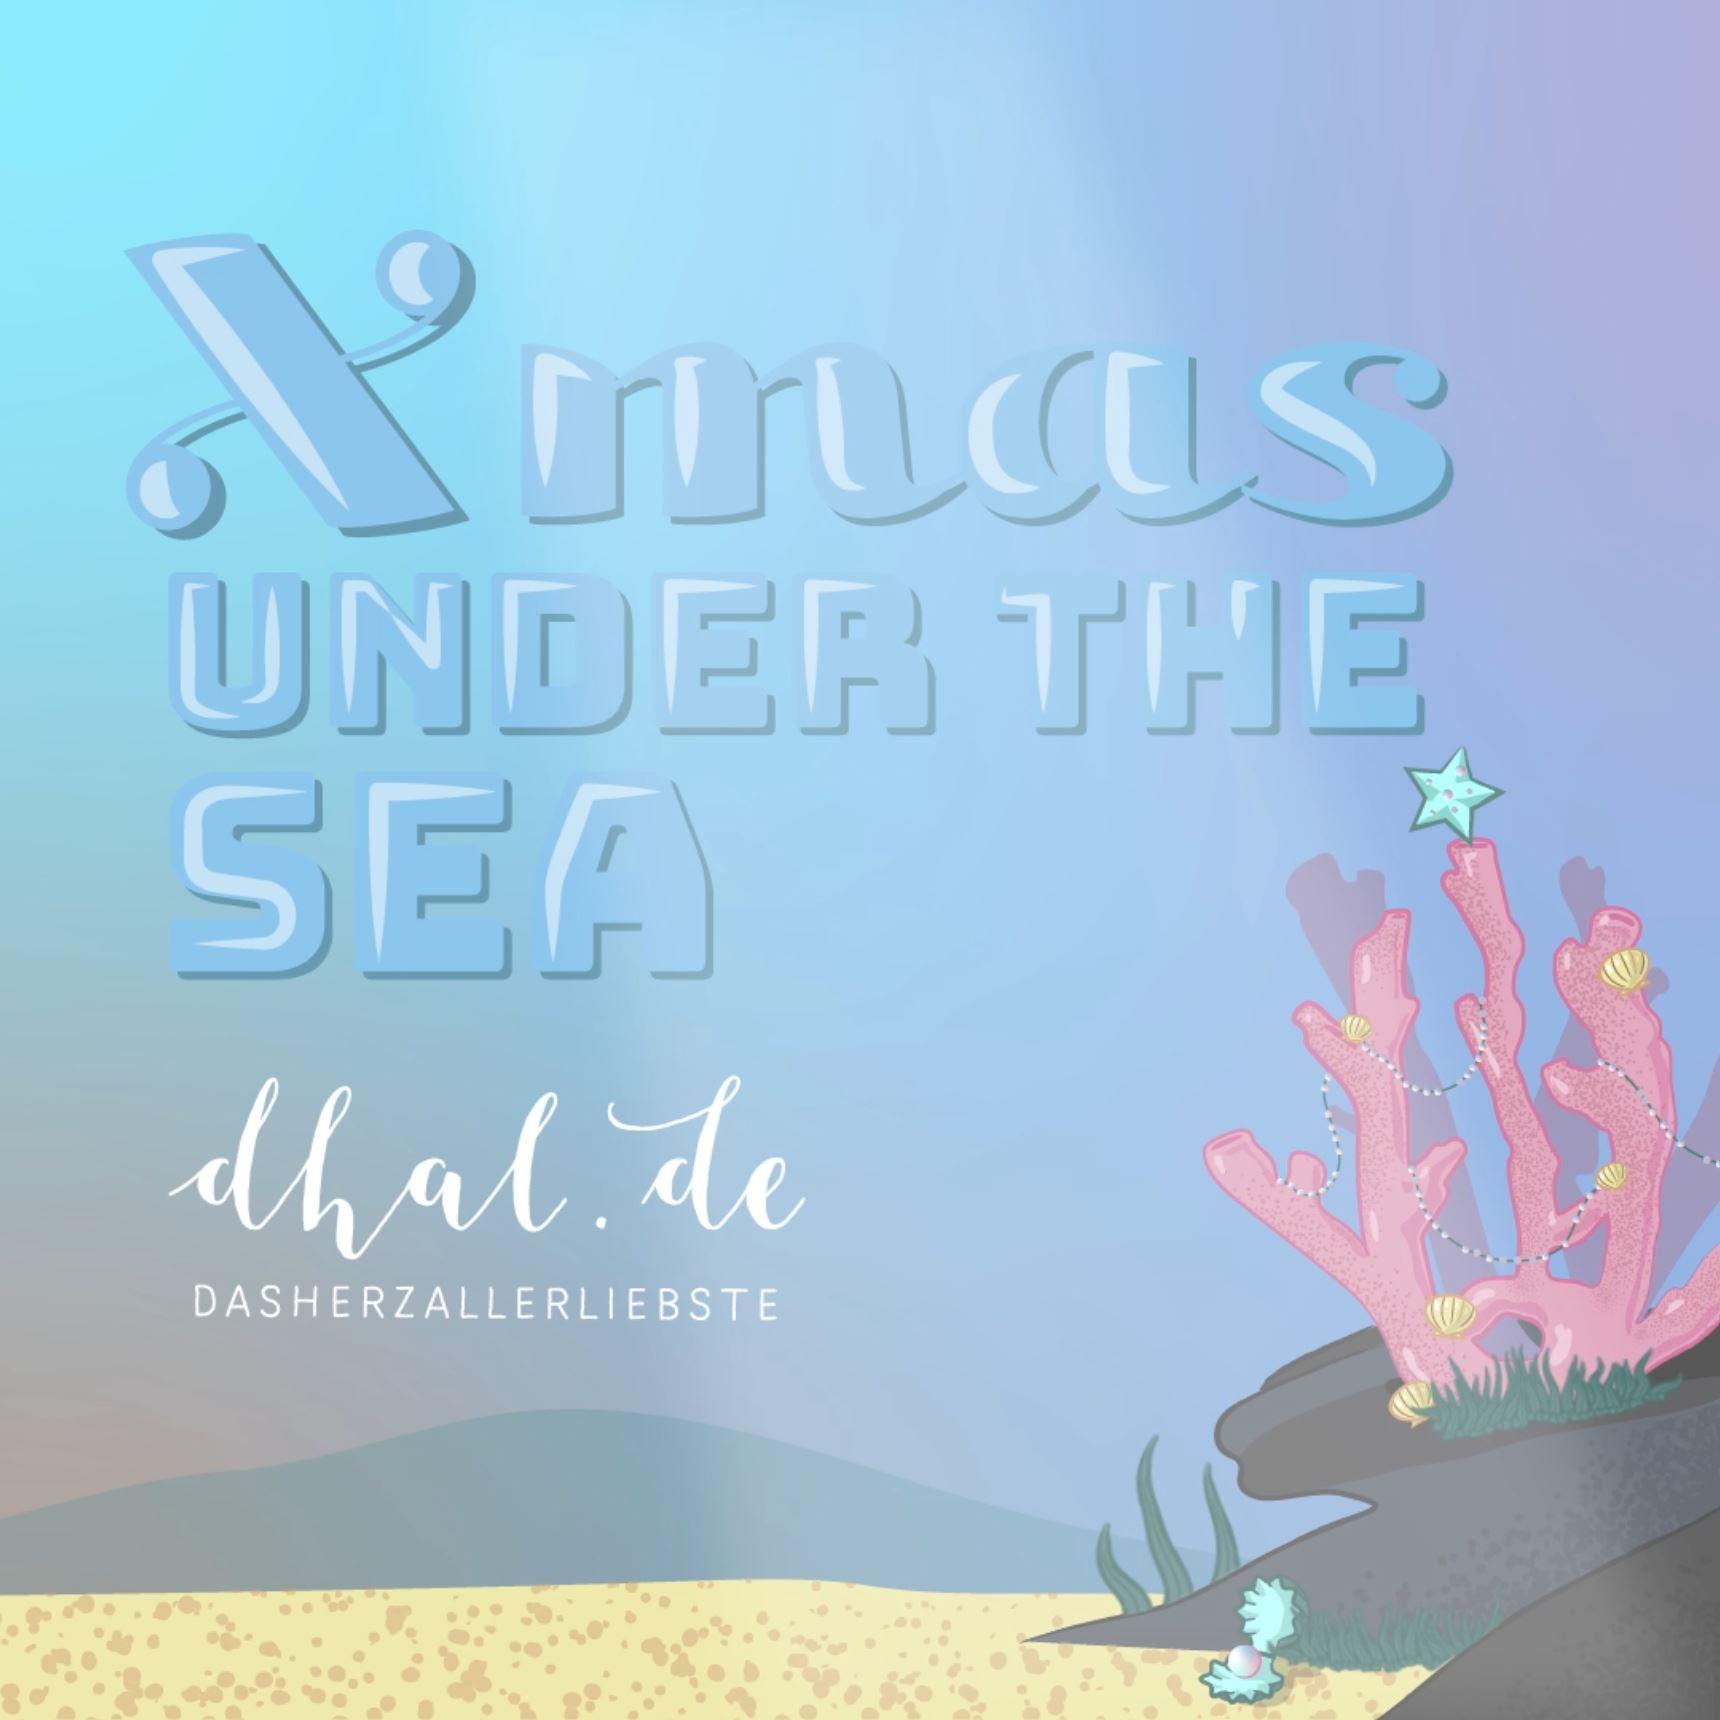 Xmas under the sea Abbildung für dasherzallerliebste